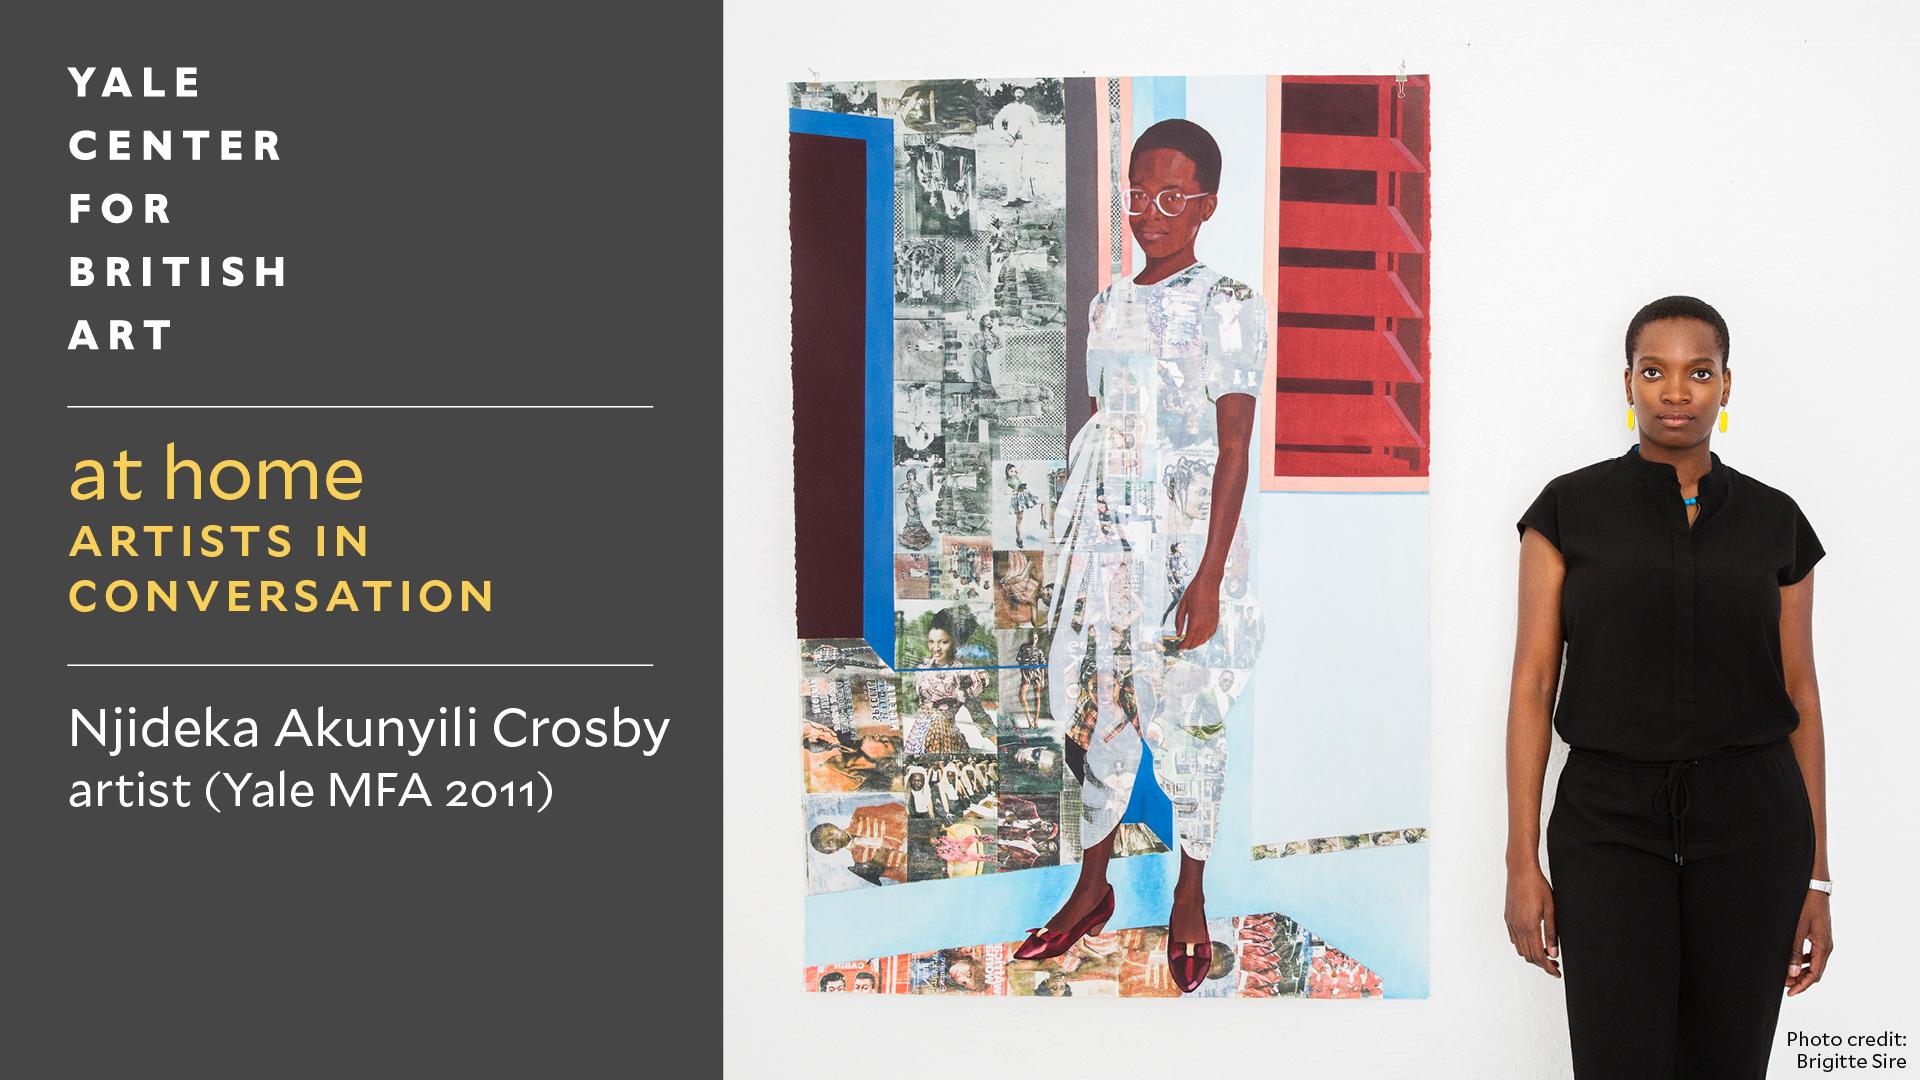 Njideka Akunyili Crosby, photo by Brigitte Sire